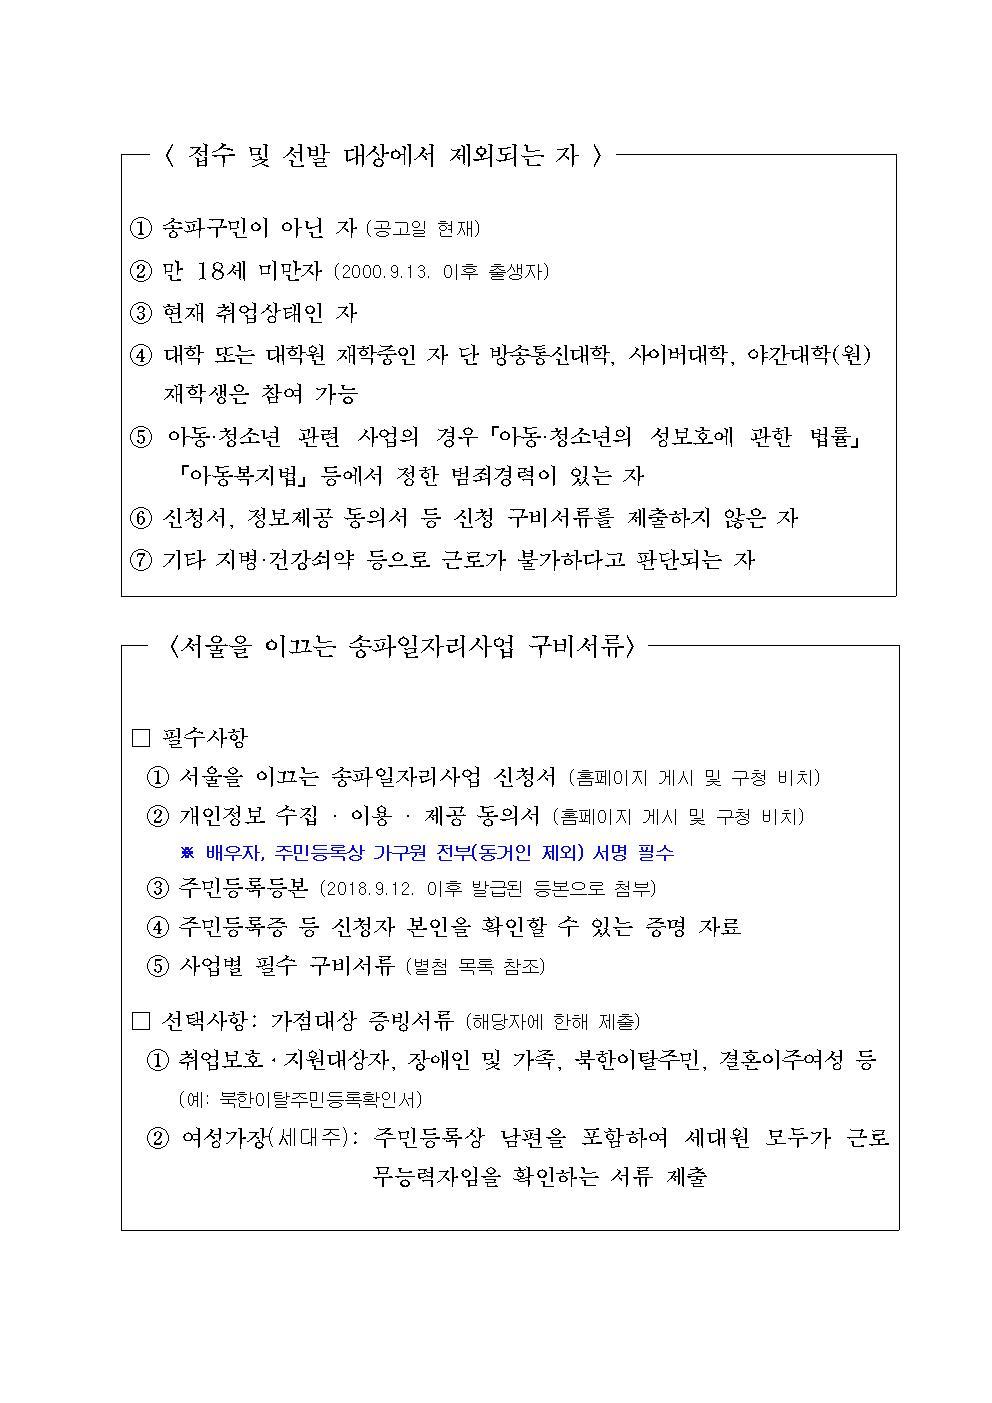 「2018년 서울을 이끄는 송파일자리사업」공고문002.jpg